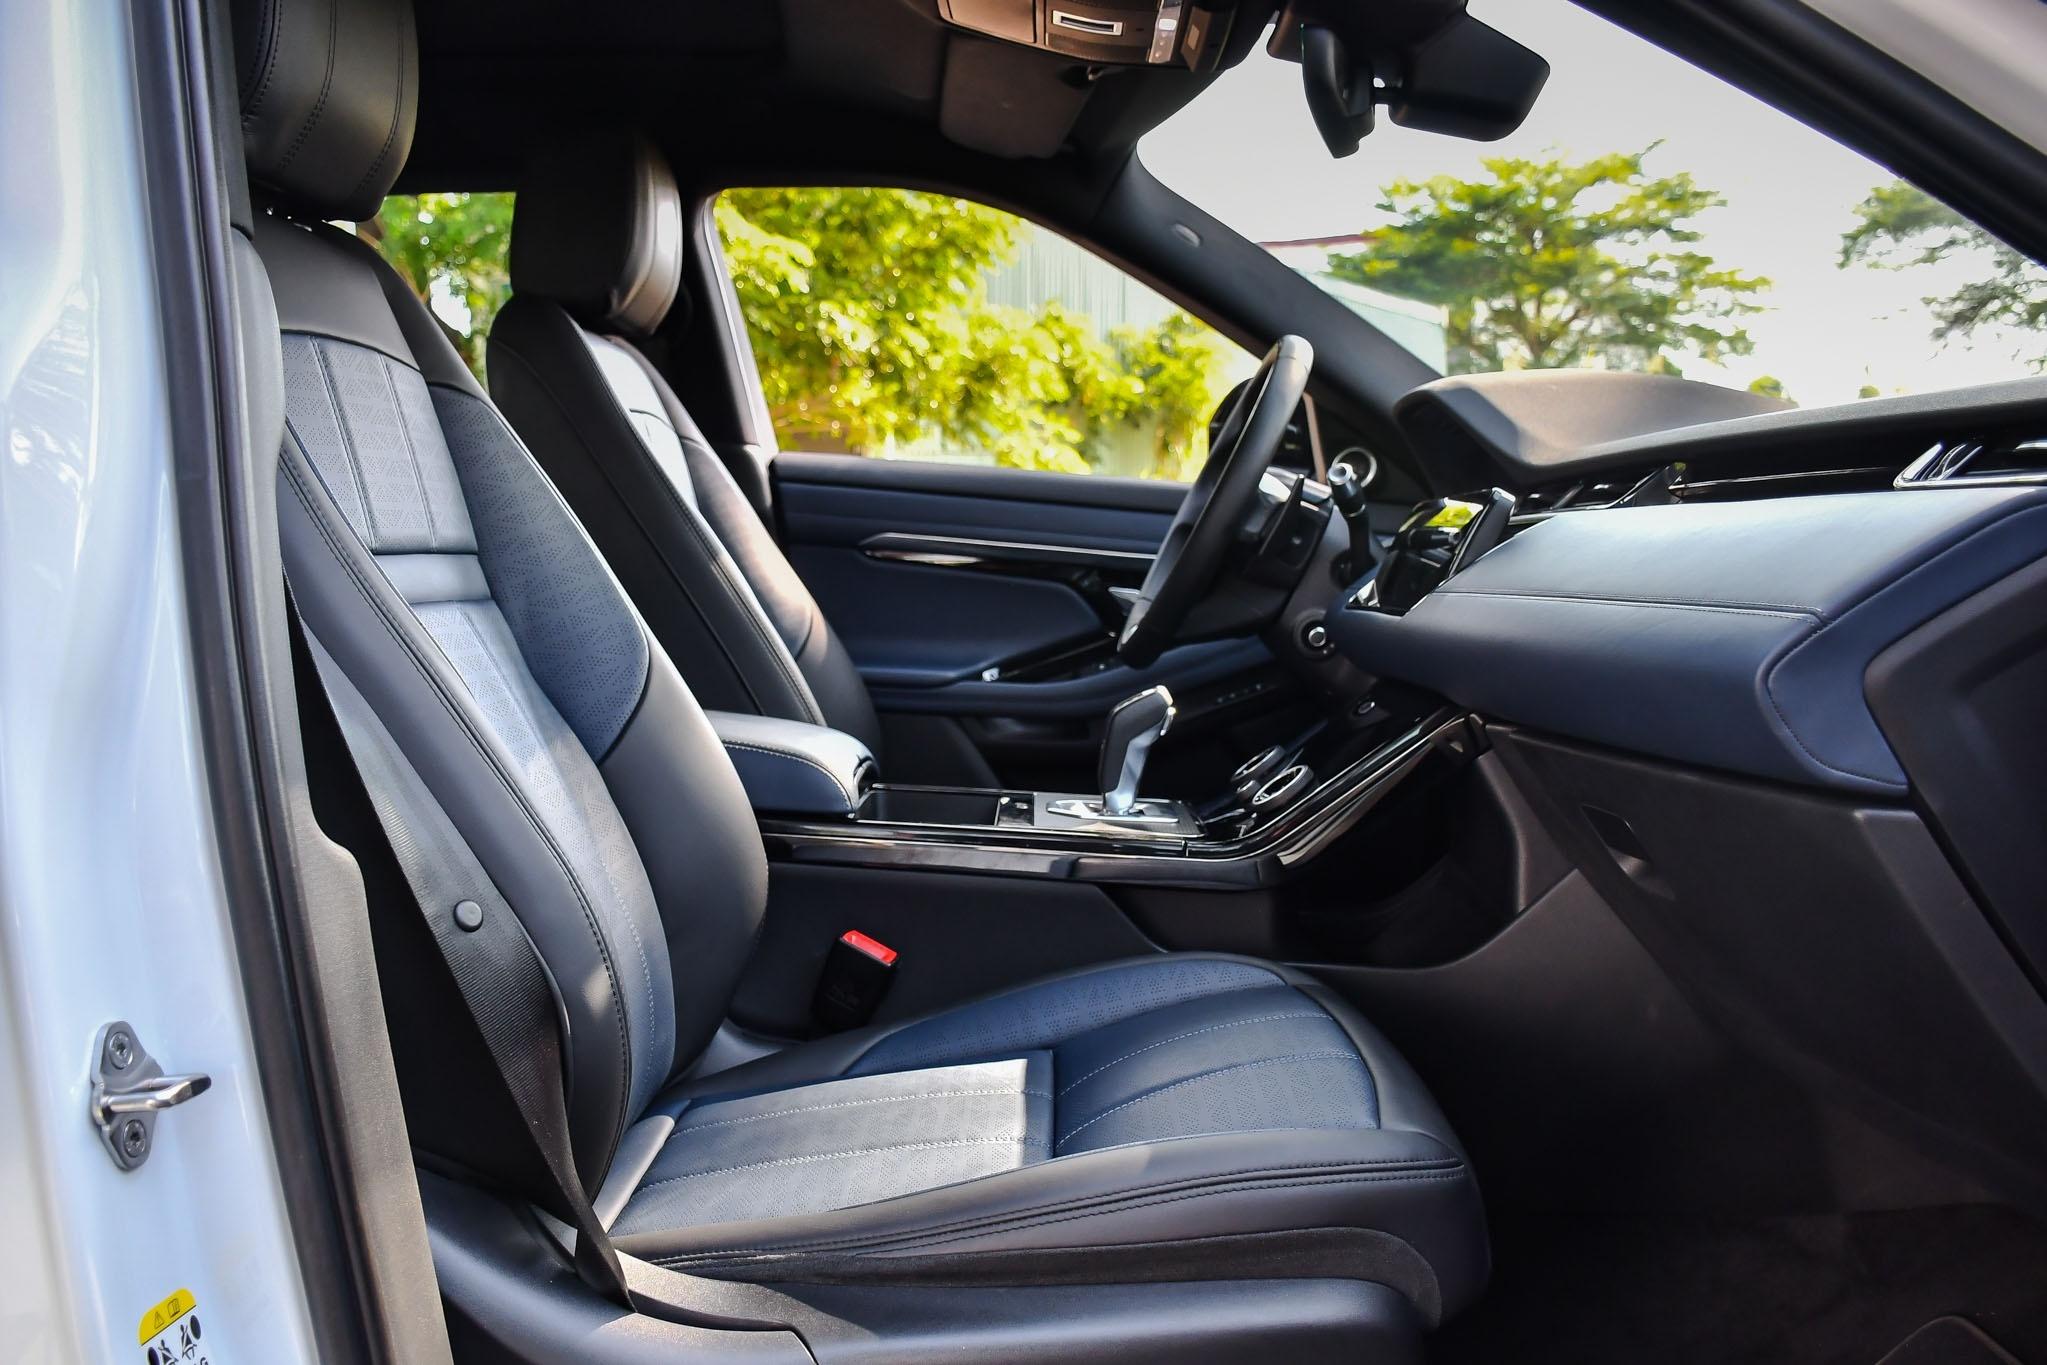 So sanh Range Rover Evoque va Jaguar E-Pace anh 13